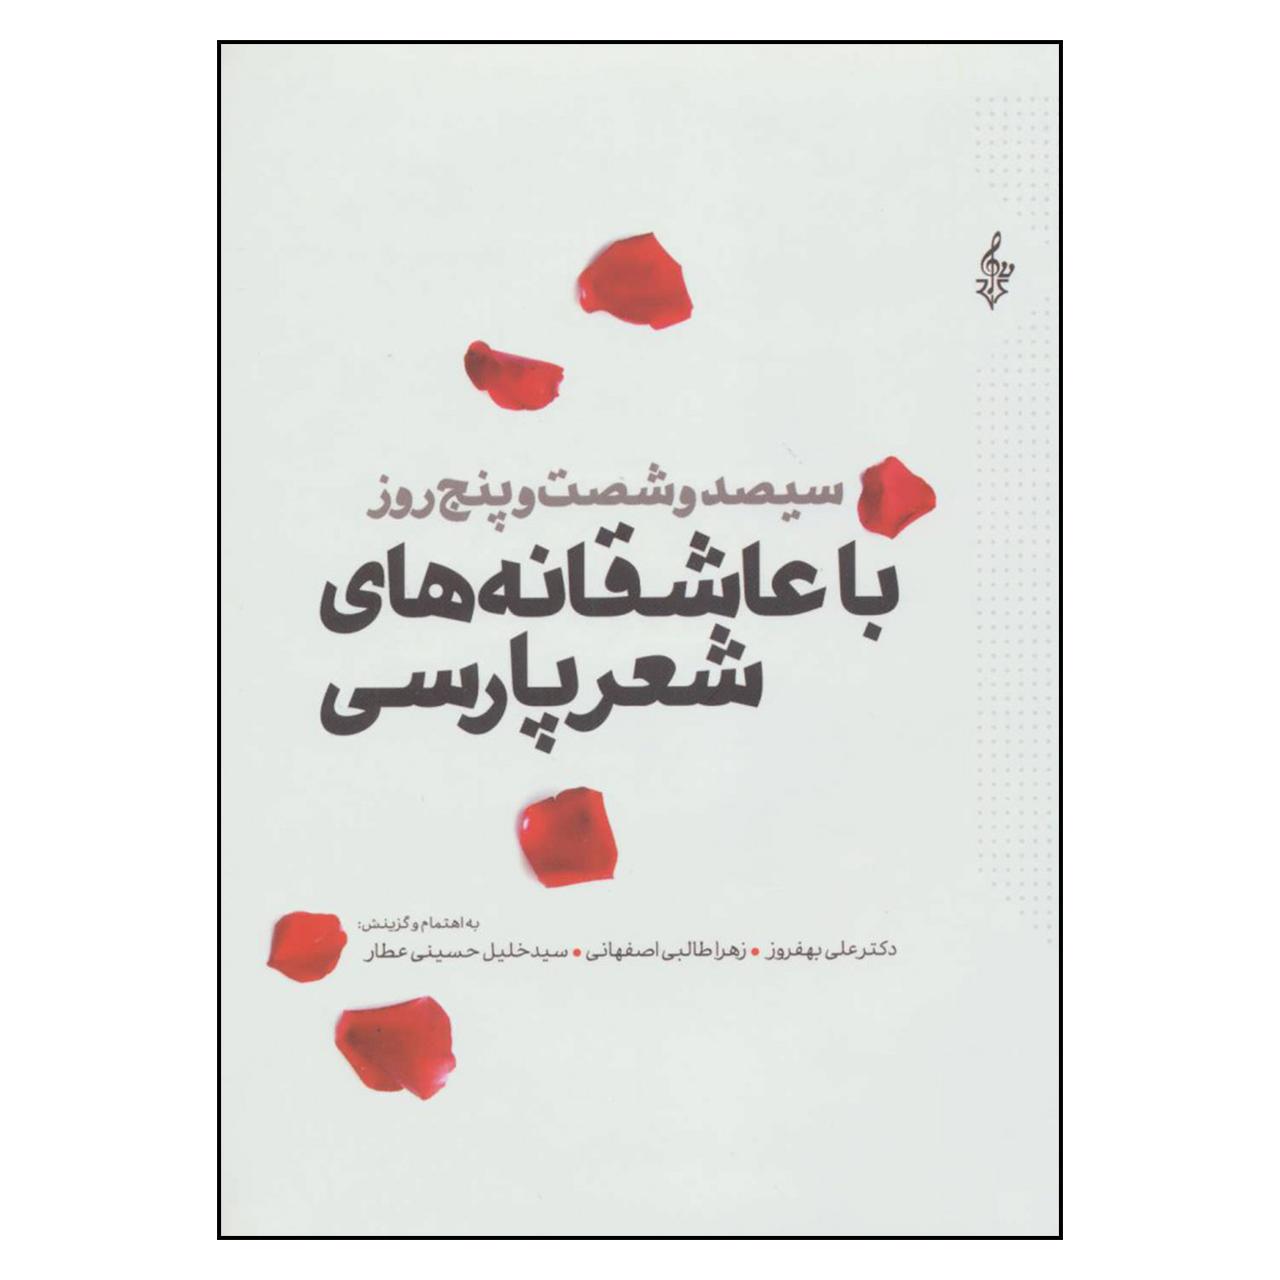 کتاب سیصد و شصت و پنج روز با عاشقانه های شعر پارسی اثر جمعی از نویسندگان نشر ترانه